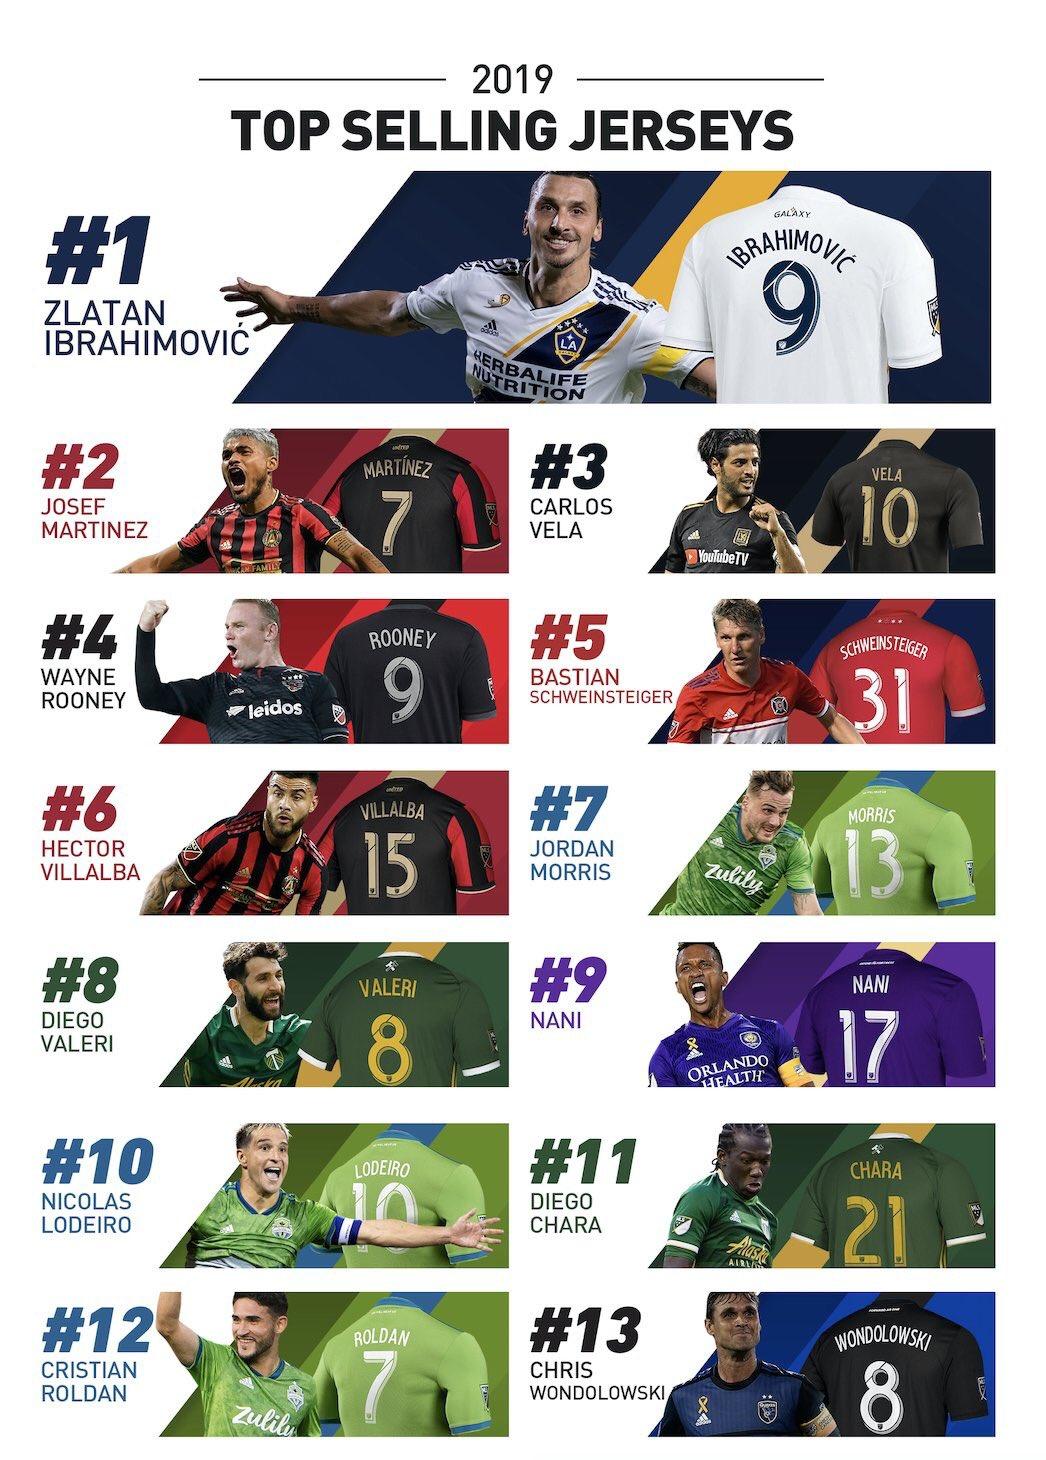 Lista de camisetas más vendidas en la MLS en 2019